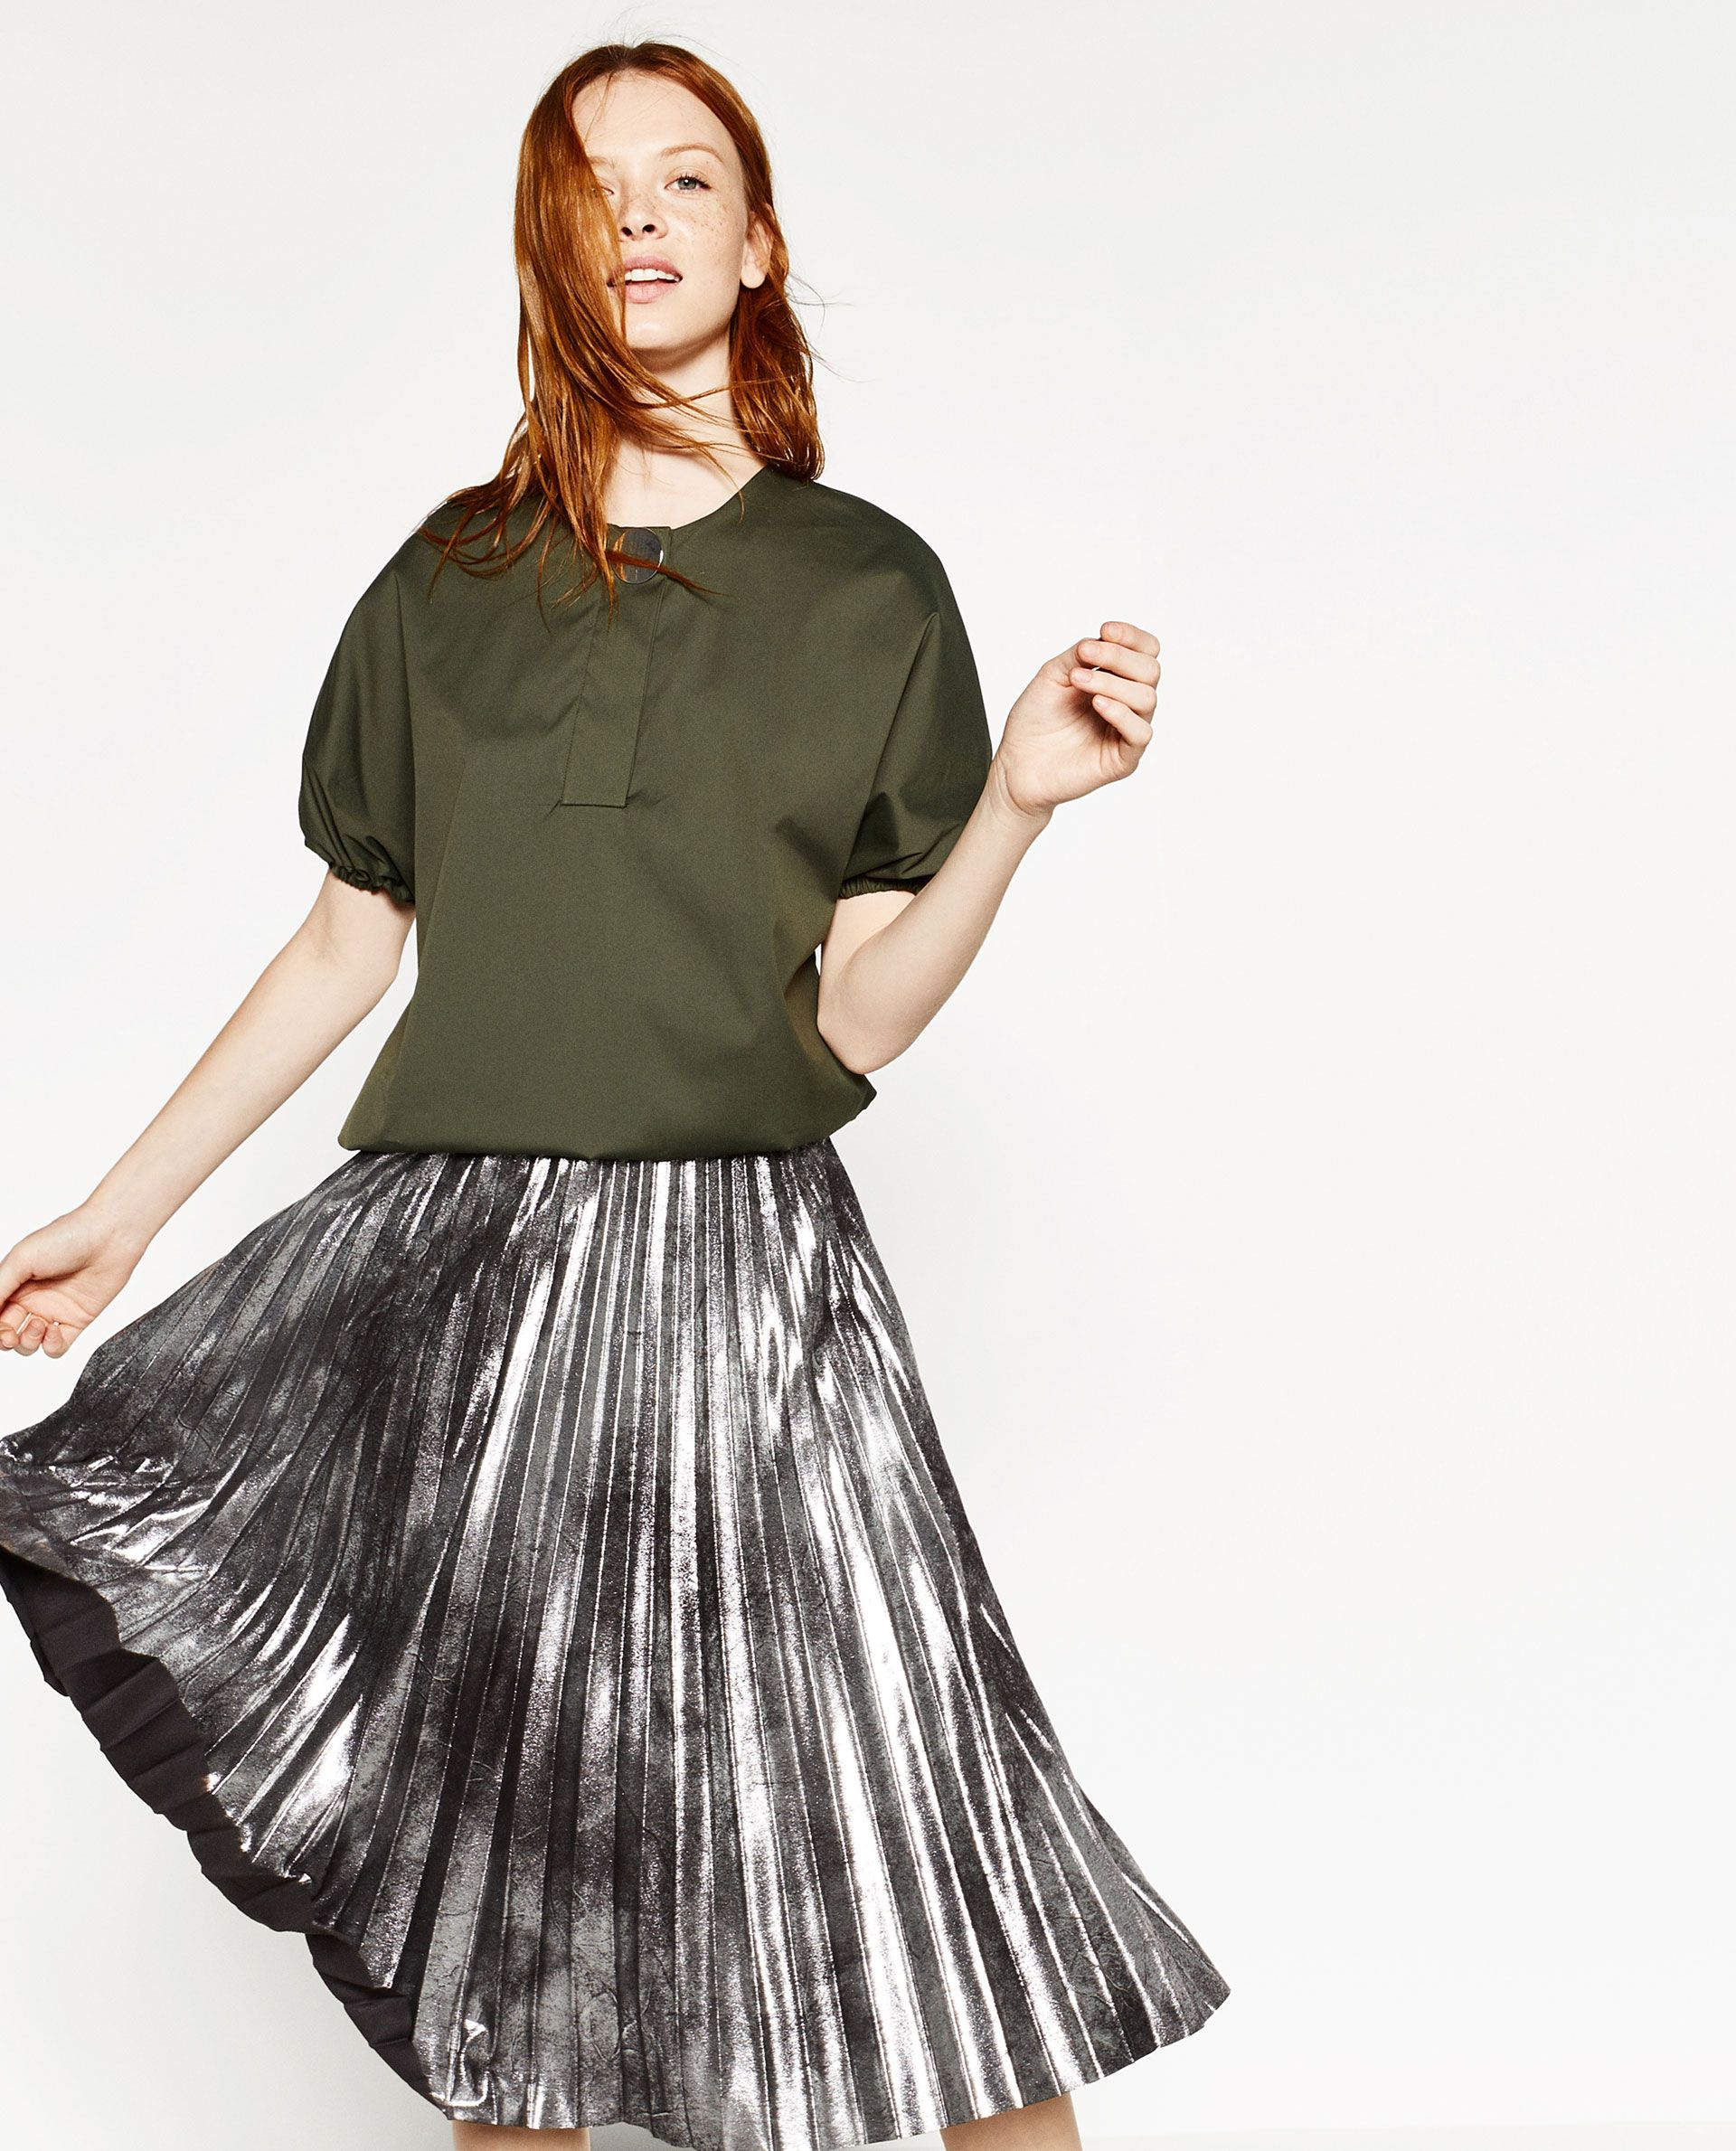 2019 year looks- Black long skirt zara